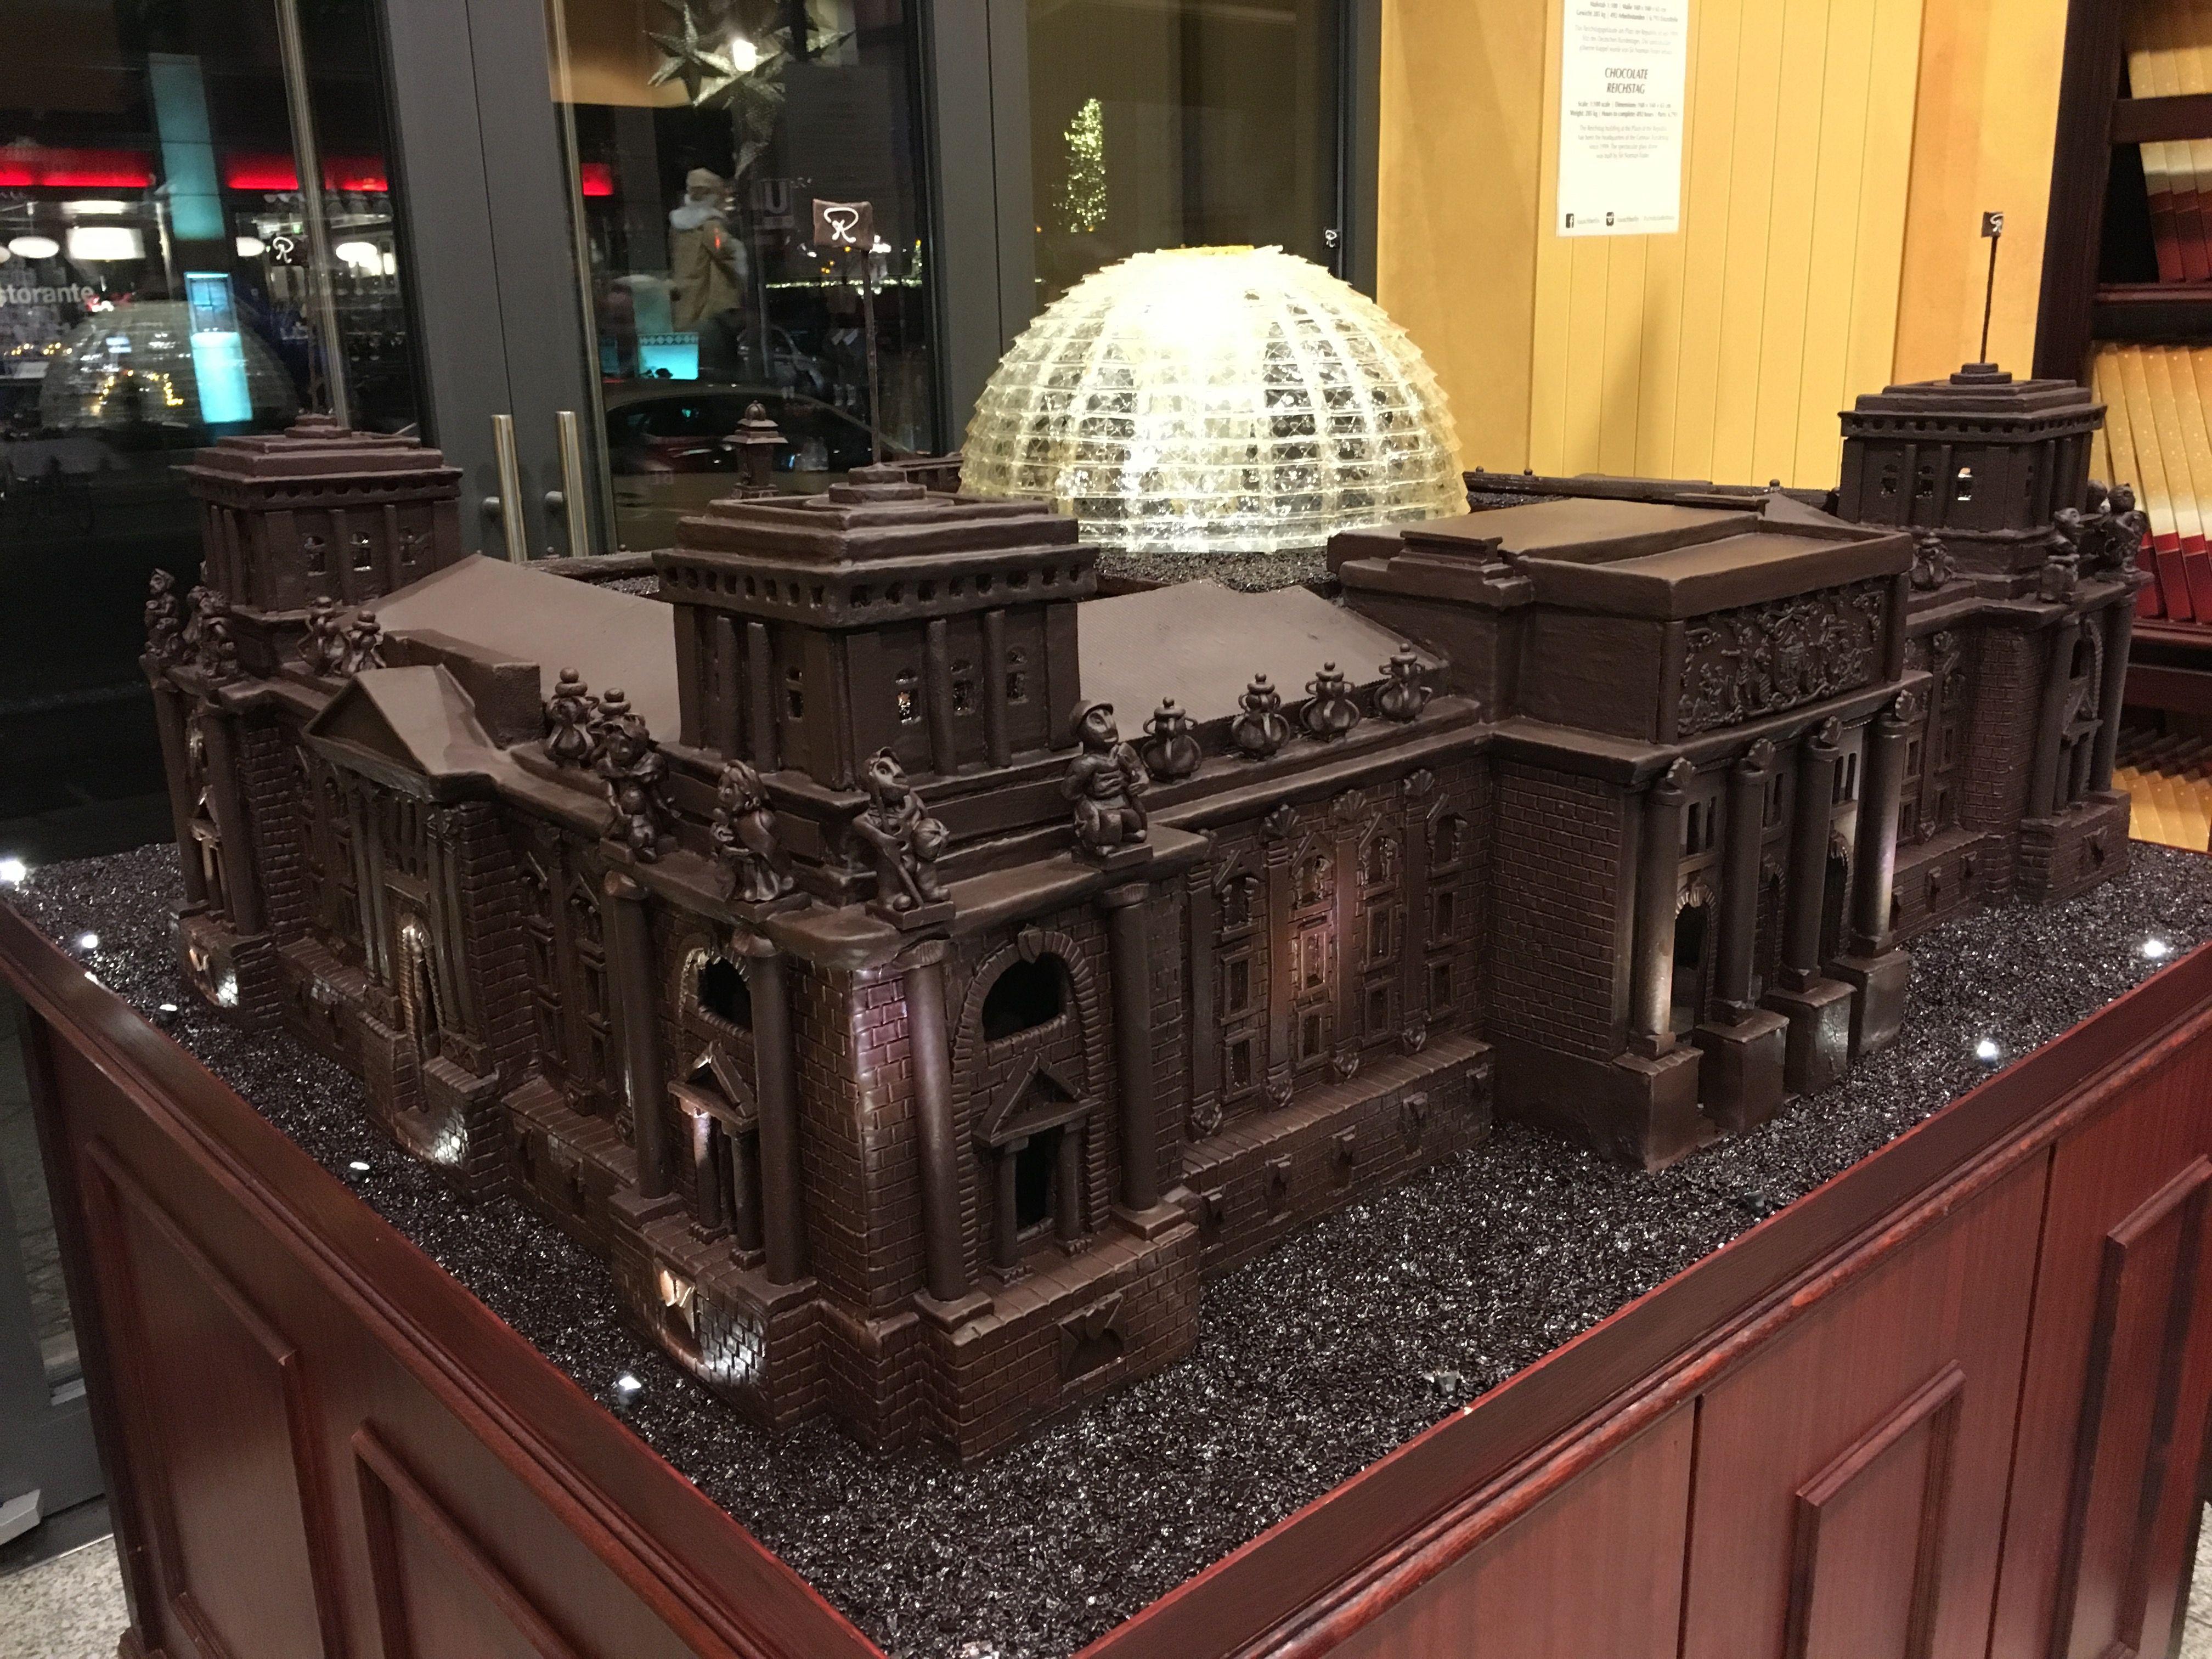 Es Ist Geschafft In Nur 2 Wochen Haben Unsere Chocolatiers Das Reichstagsgebaude Des Deutschen Bundestags Im Rausch Schokolad Reichstagsgebaude Berlin Gebaude